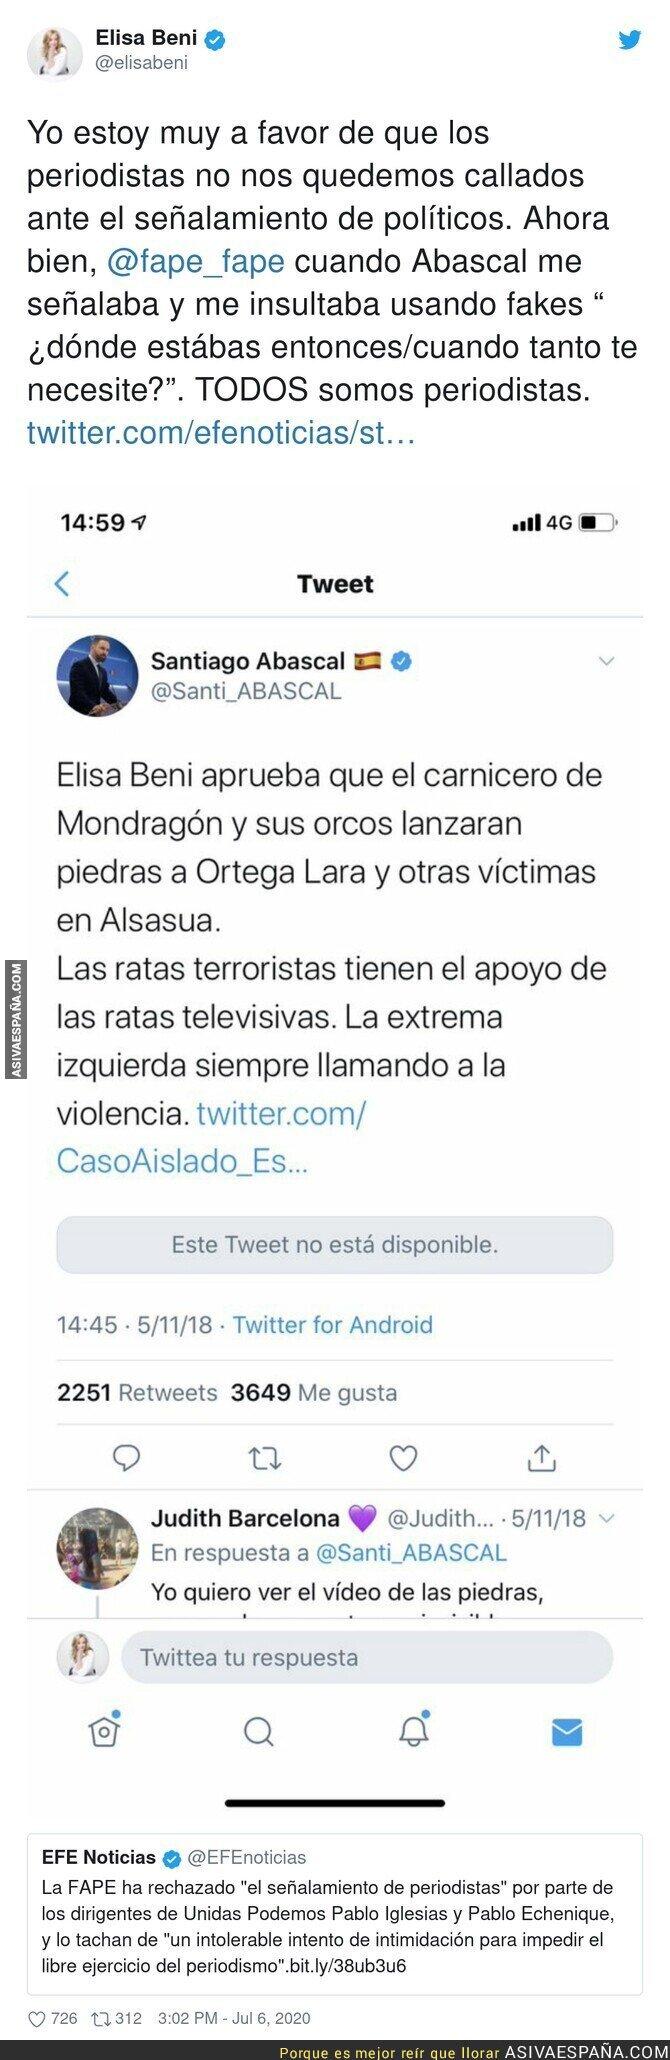 258873 - Cuando ataca la ultraderecha se indignan menos en la Asociación de prensa de Madrid